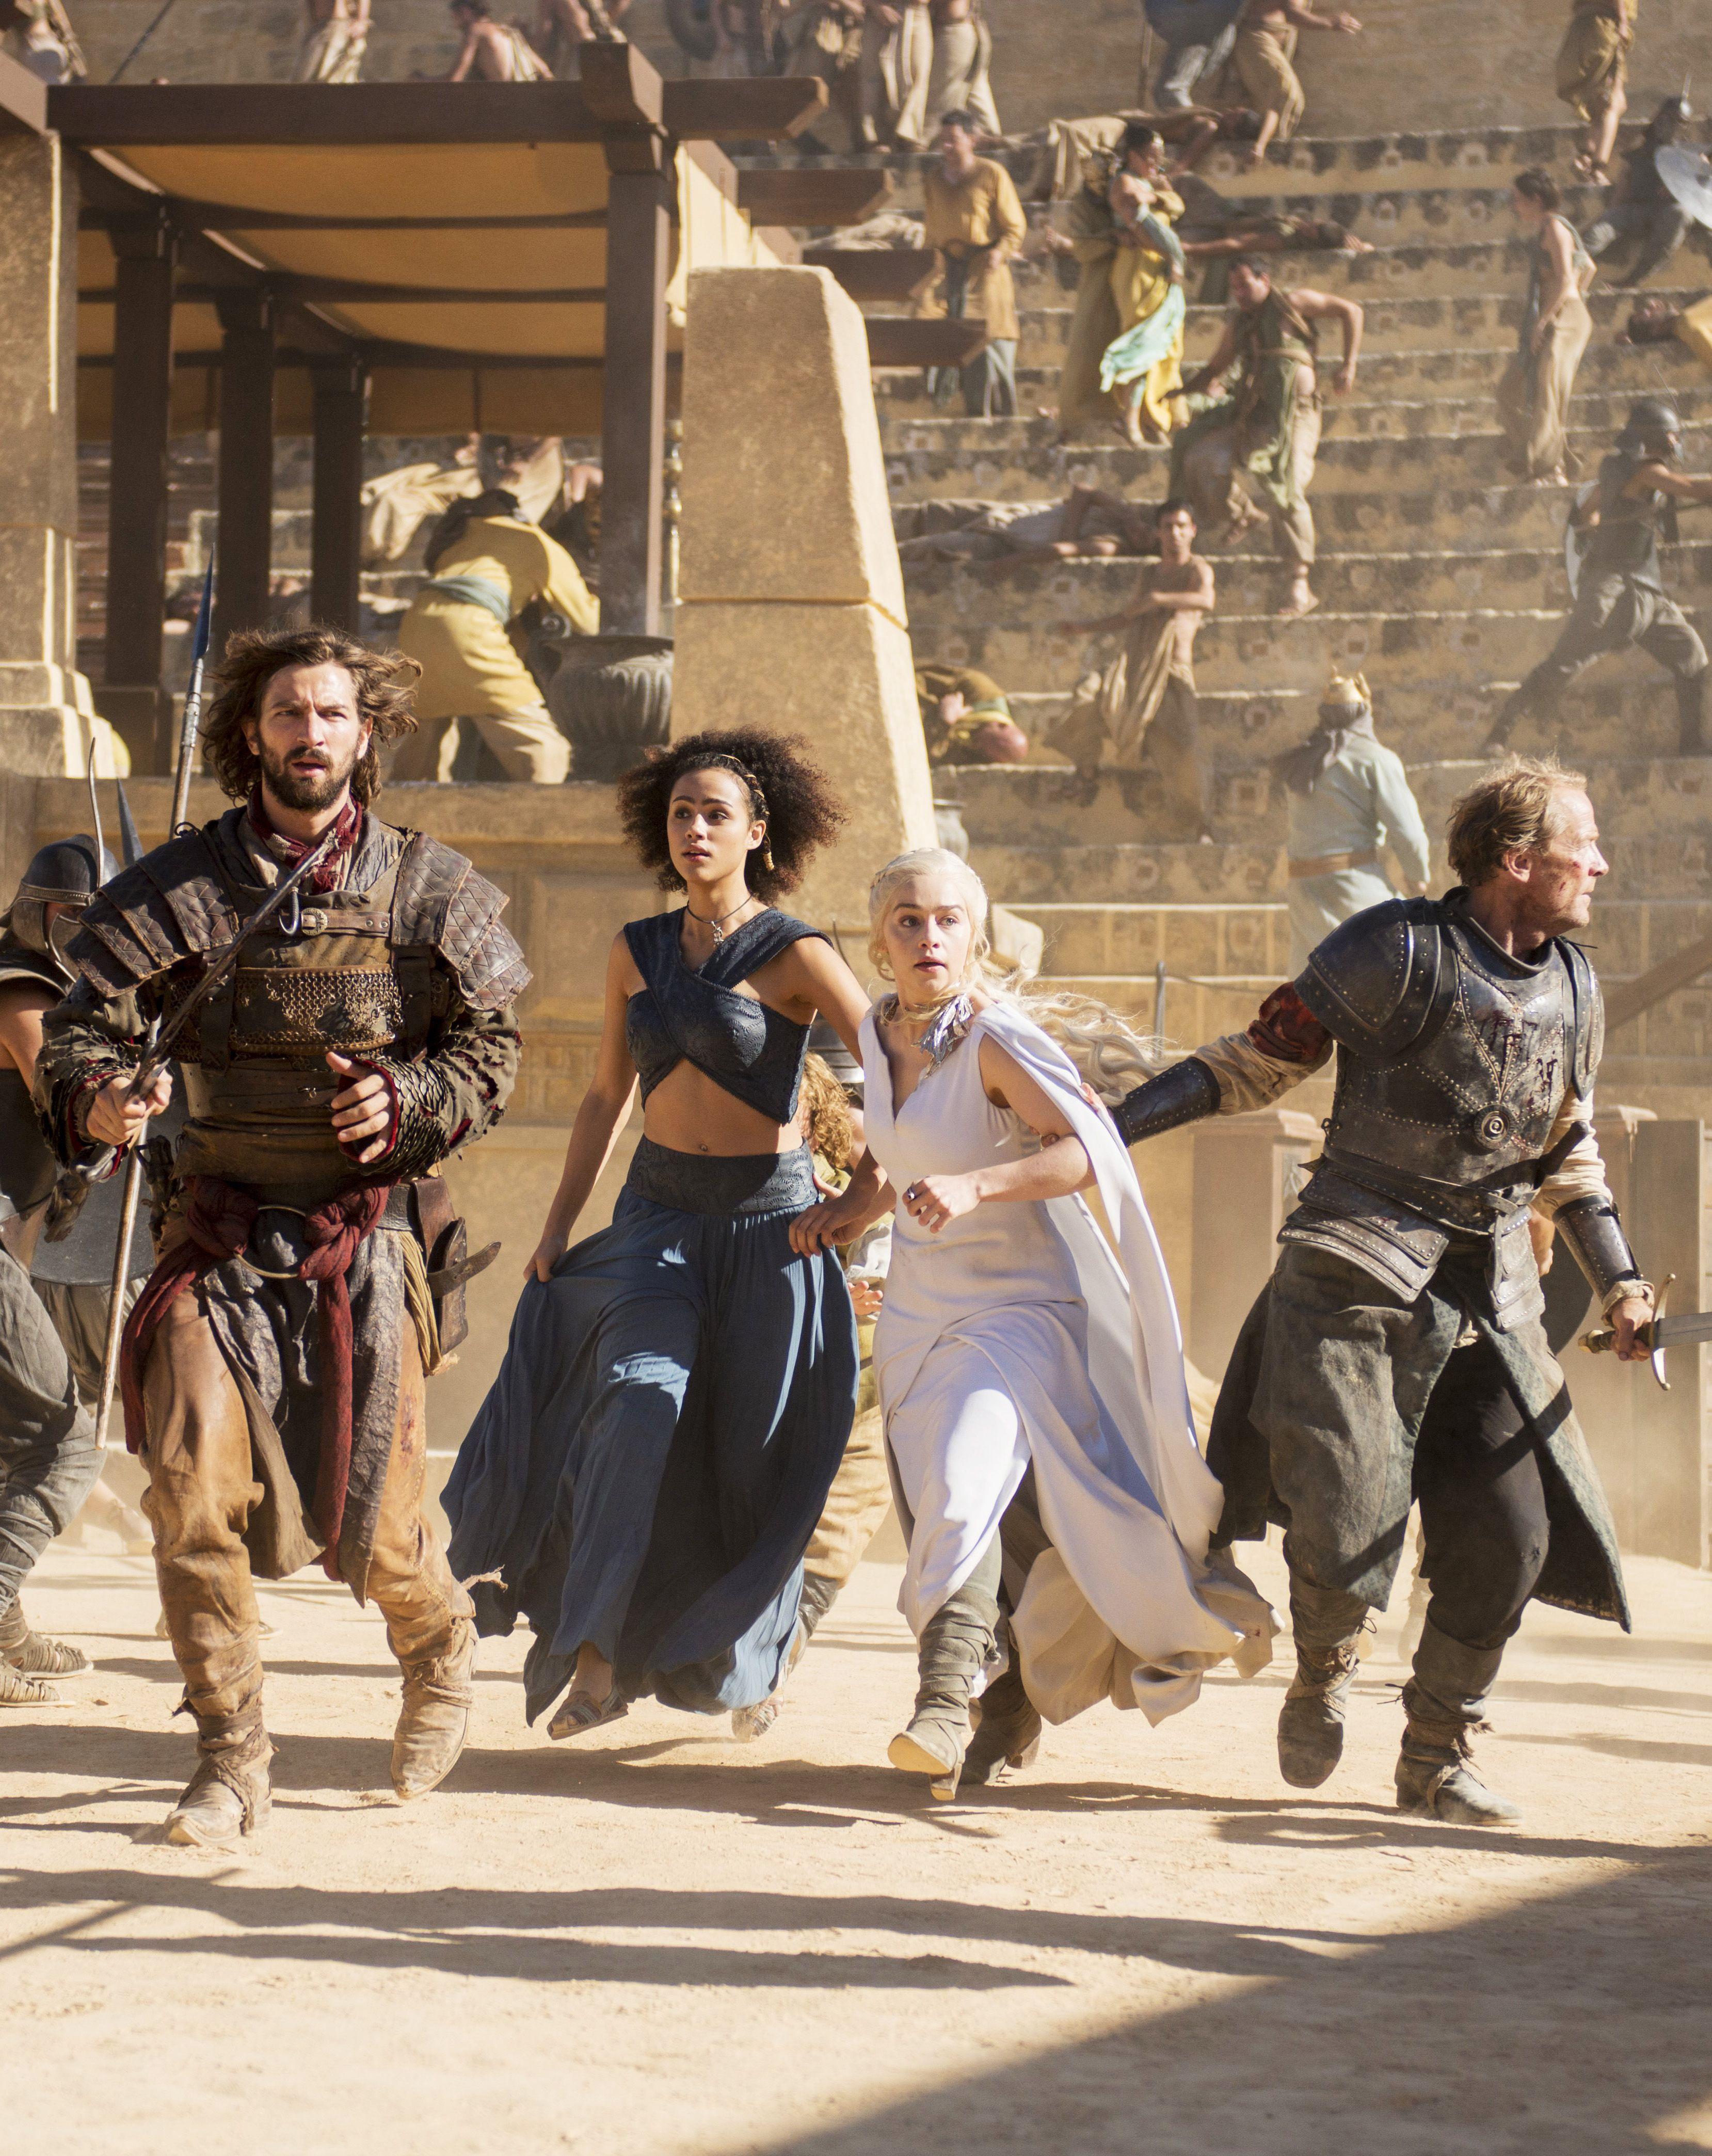 Game Of Thrones Season 5 Episode 9 Filmes Serie De Televisao